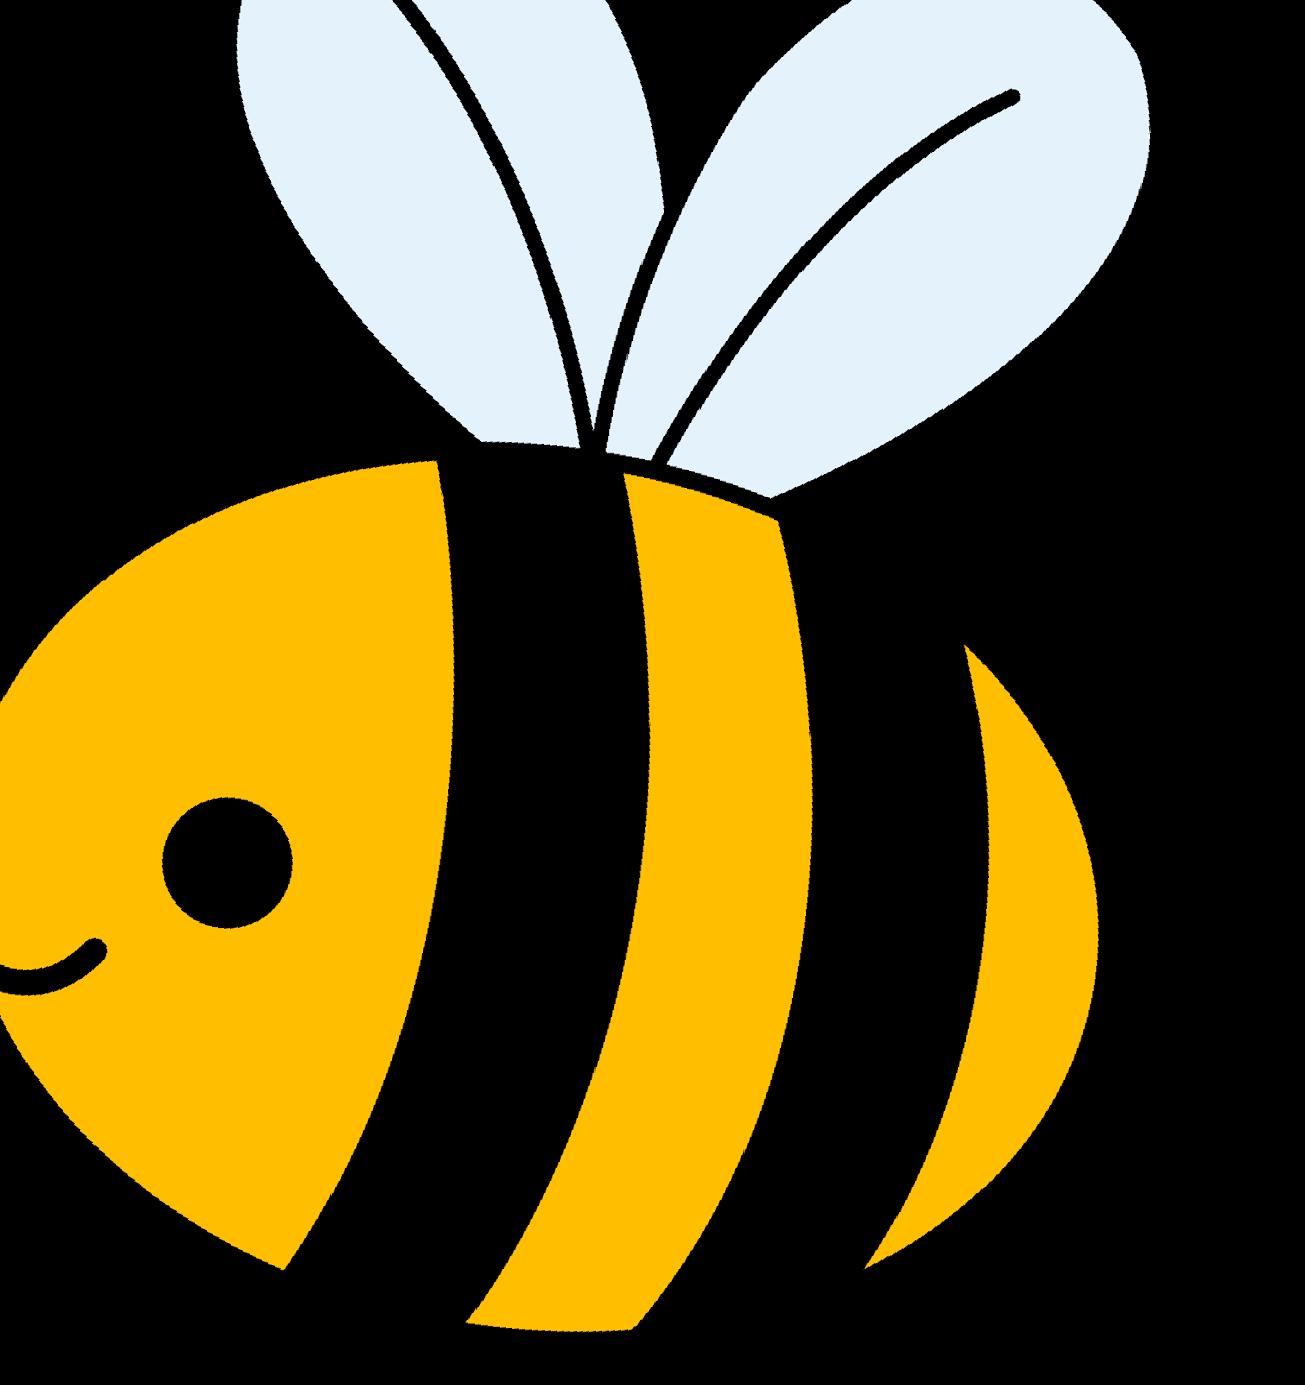 Пчелка картинки для детей нарисованные, годы вов детские